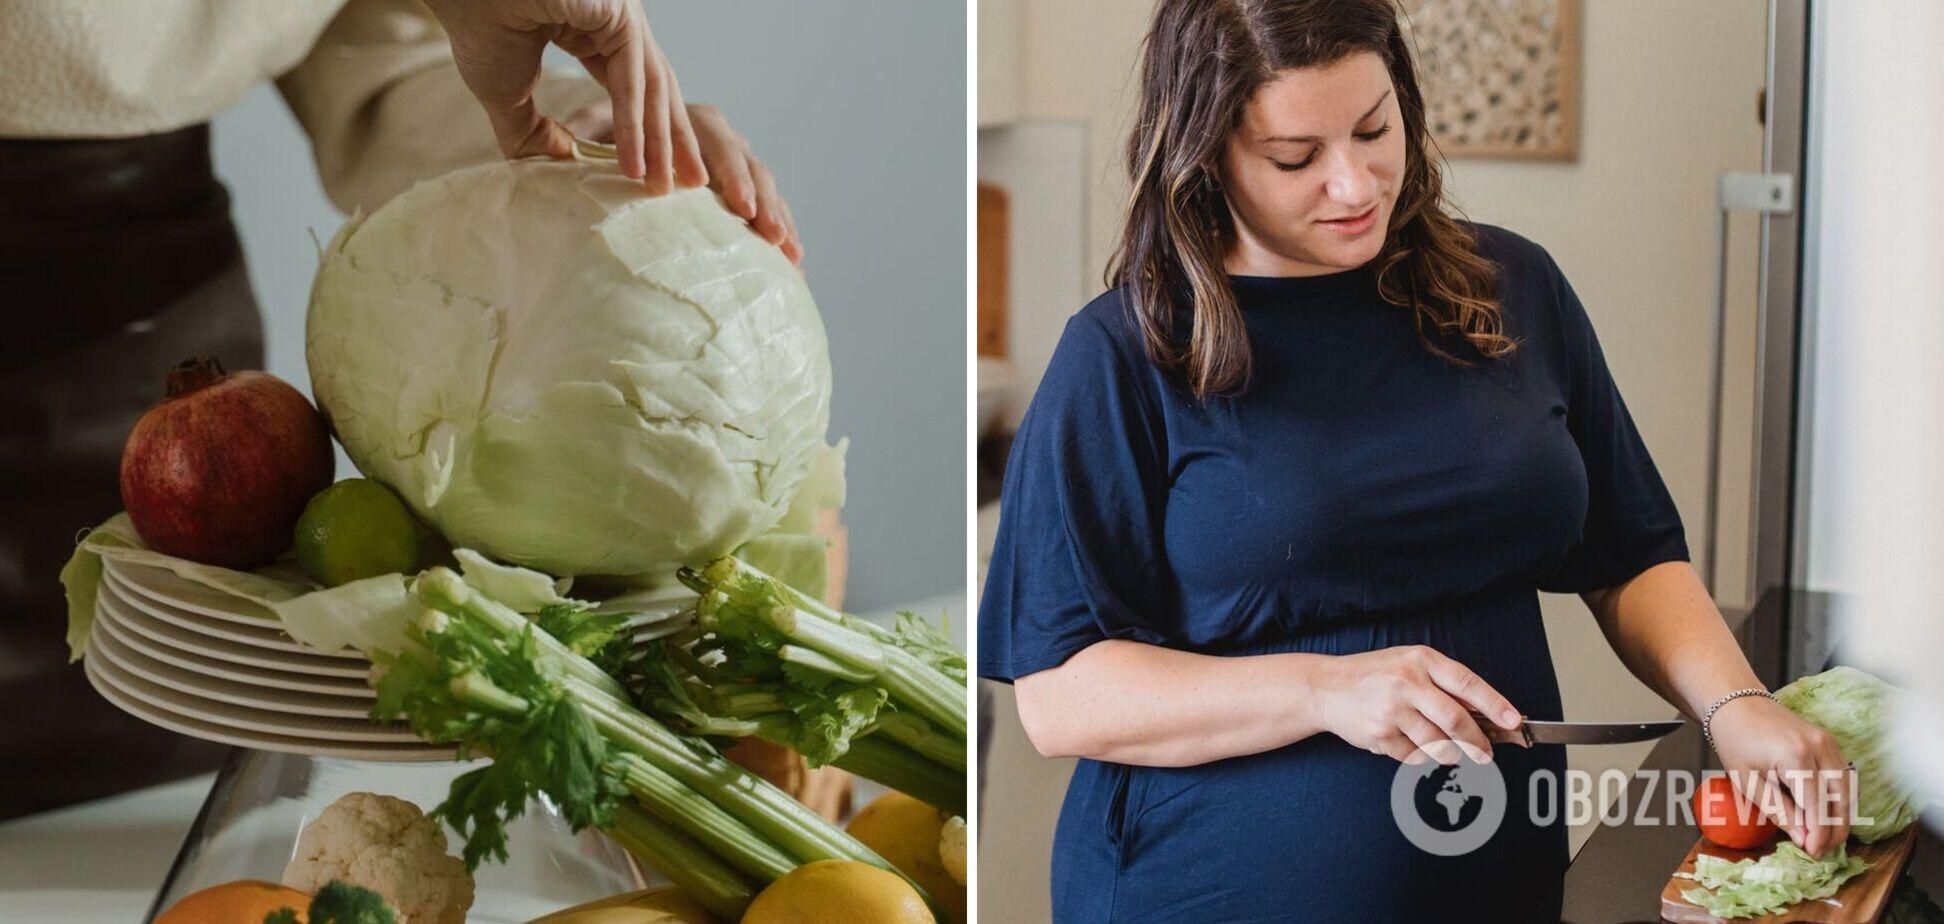 Що приготувати зі свіжої капусти – елементарні страви на будь-який смак